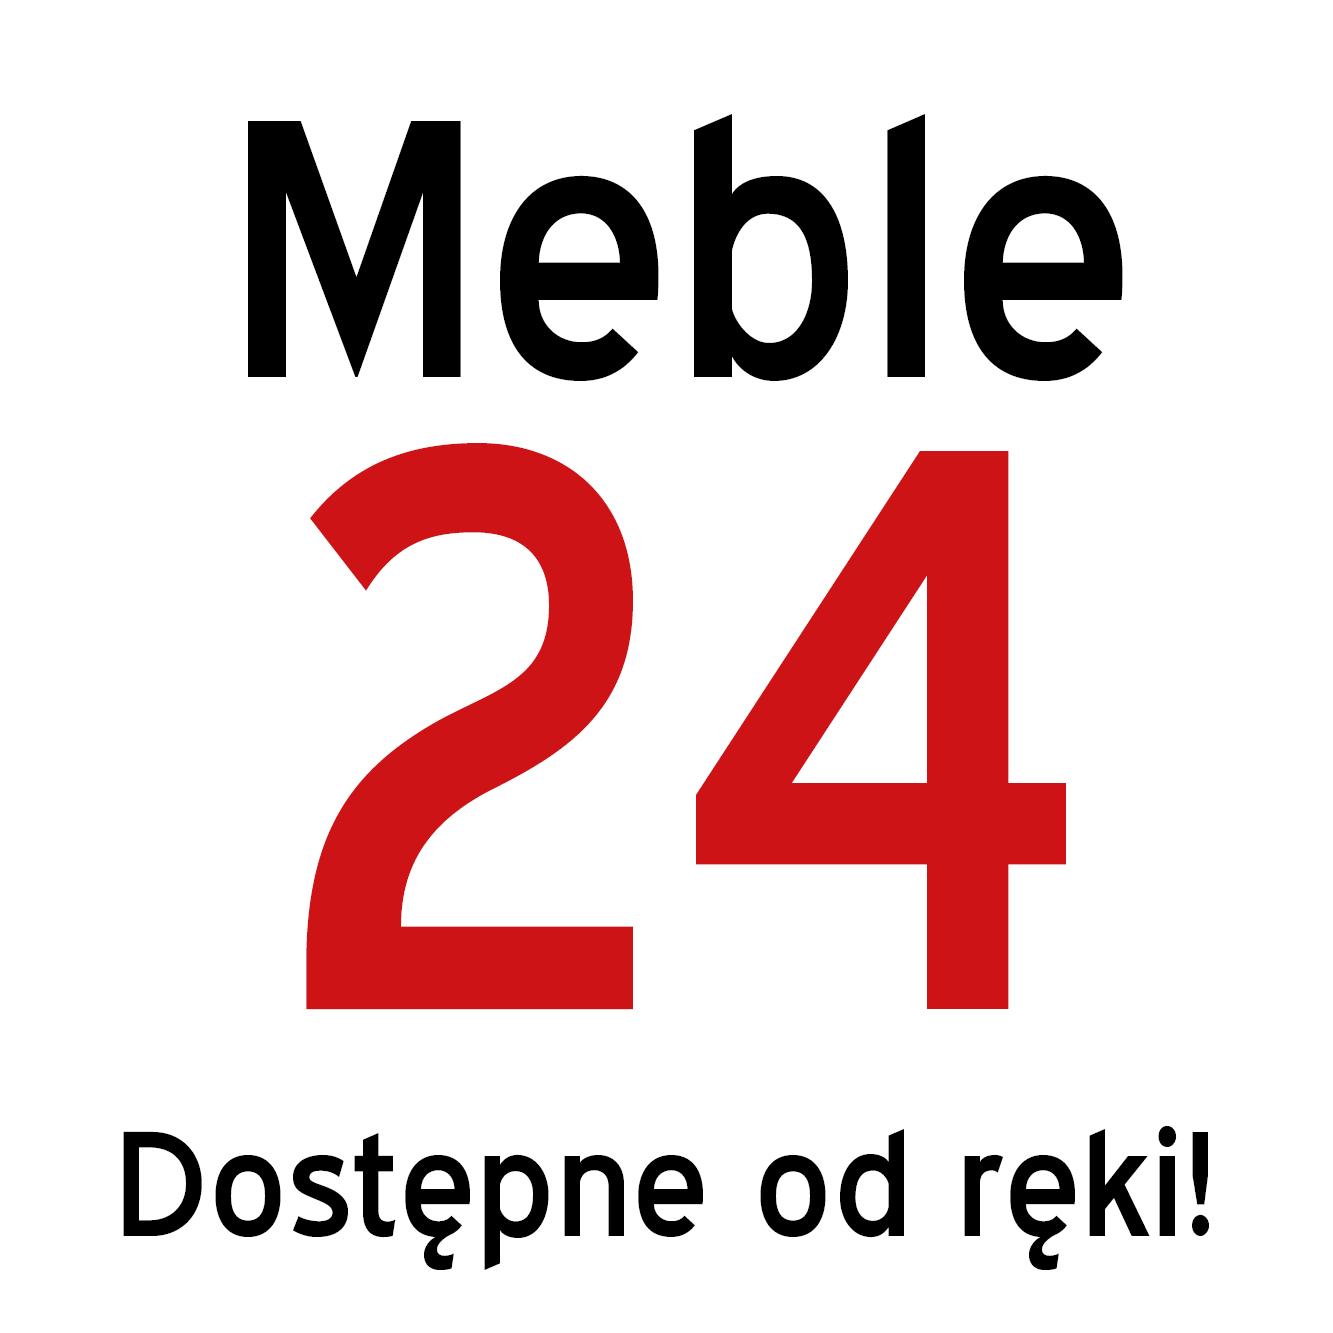 Meble 24